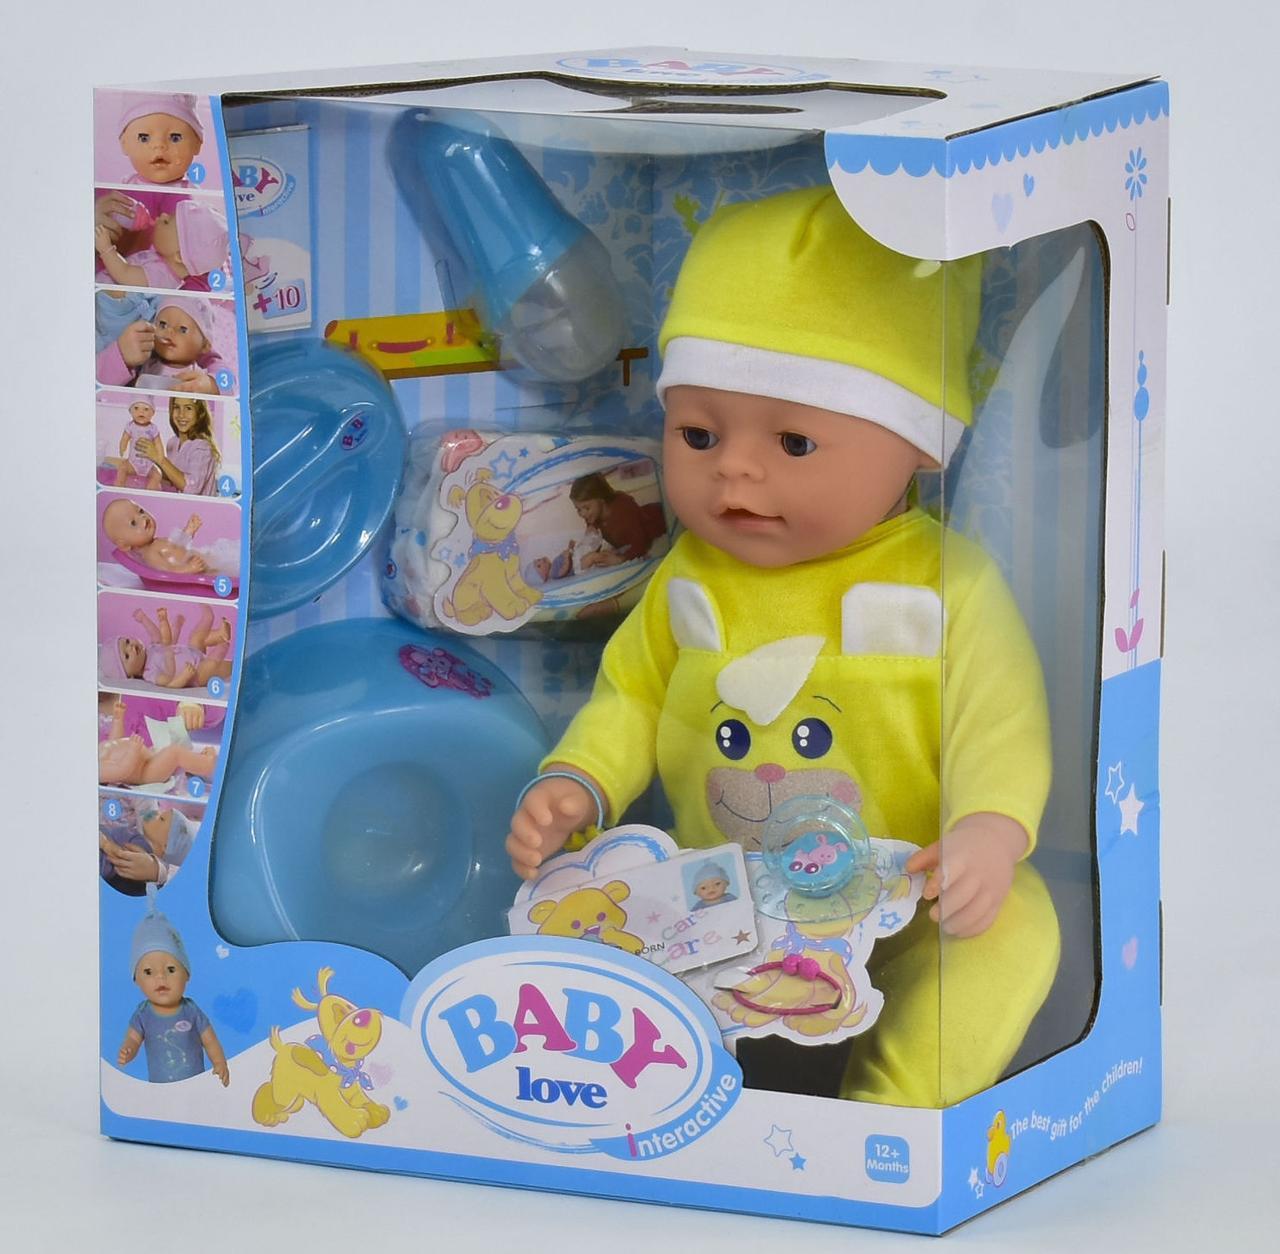 Пупс Baby Love 033 B (12) з аксесуарами, в коробці